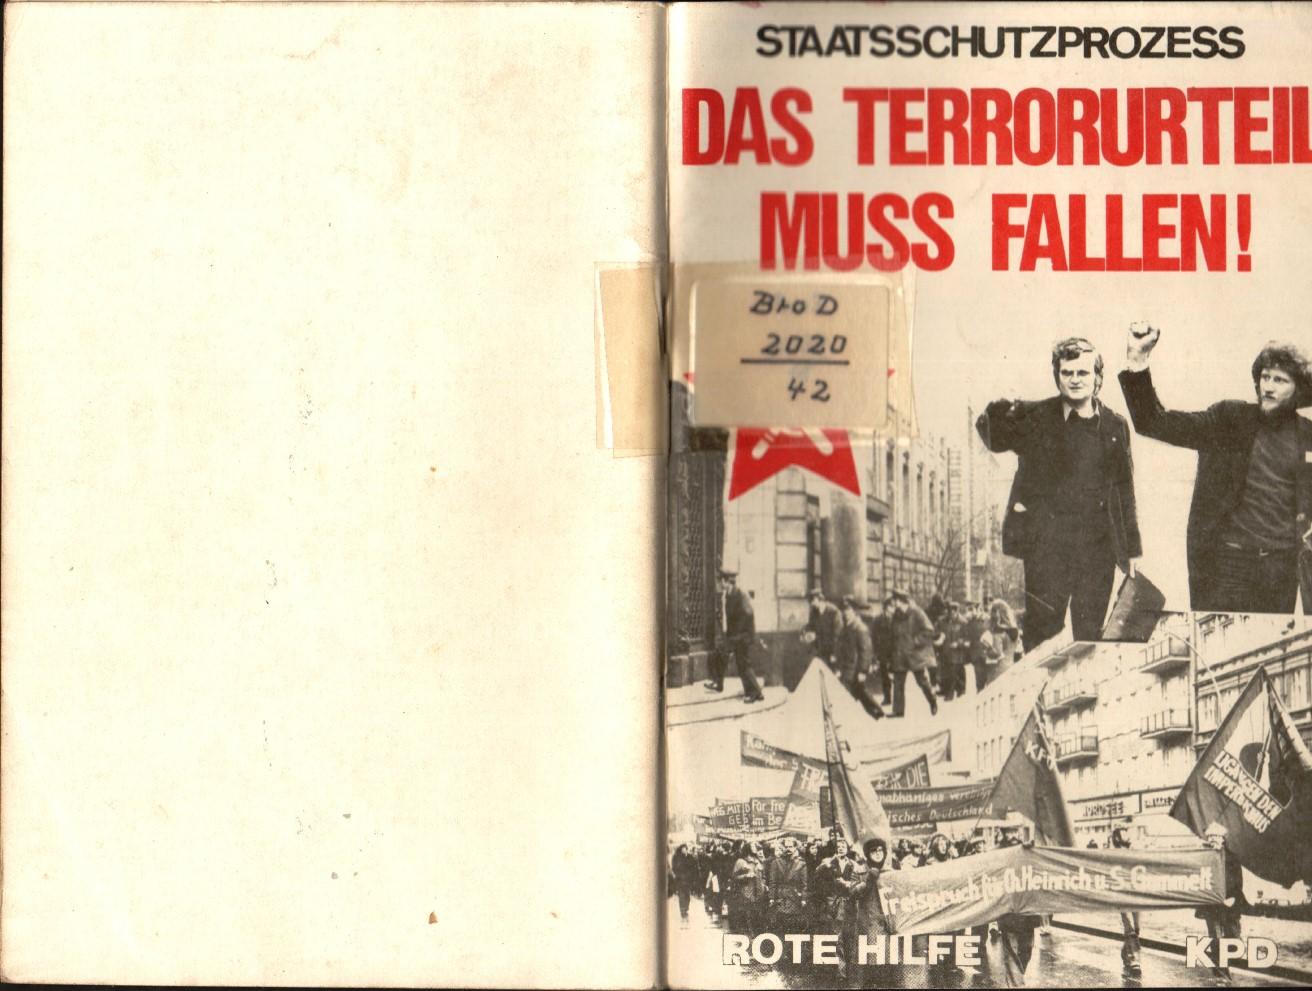 Berlin_KPD_1976_Staatsschutzprozess02_01